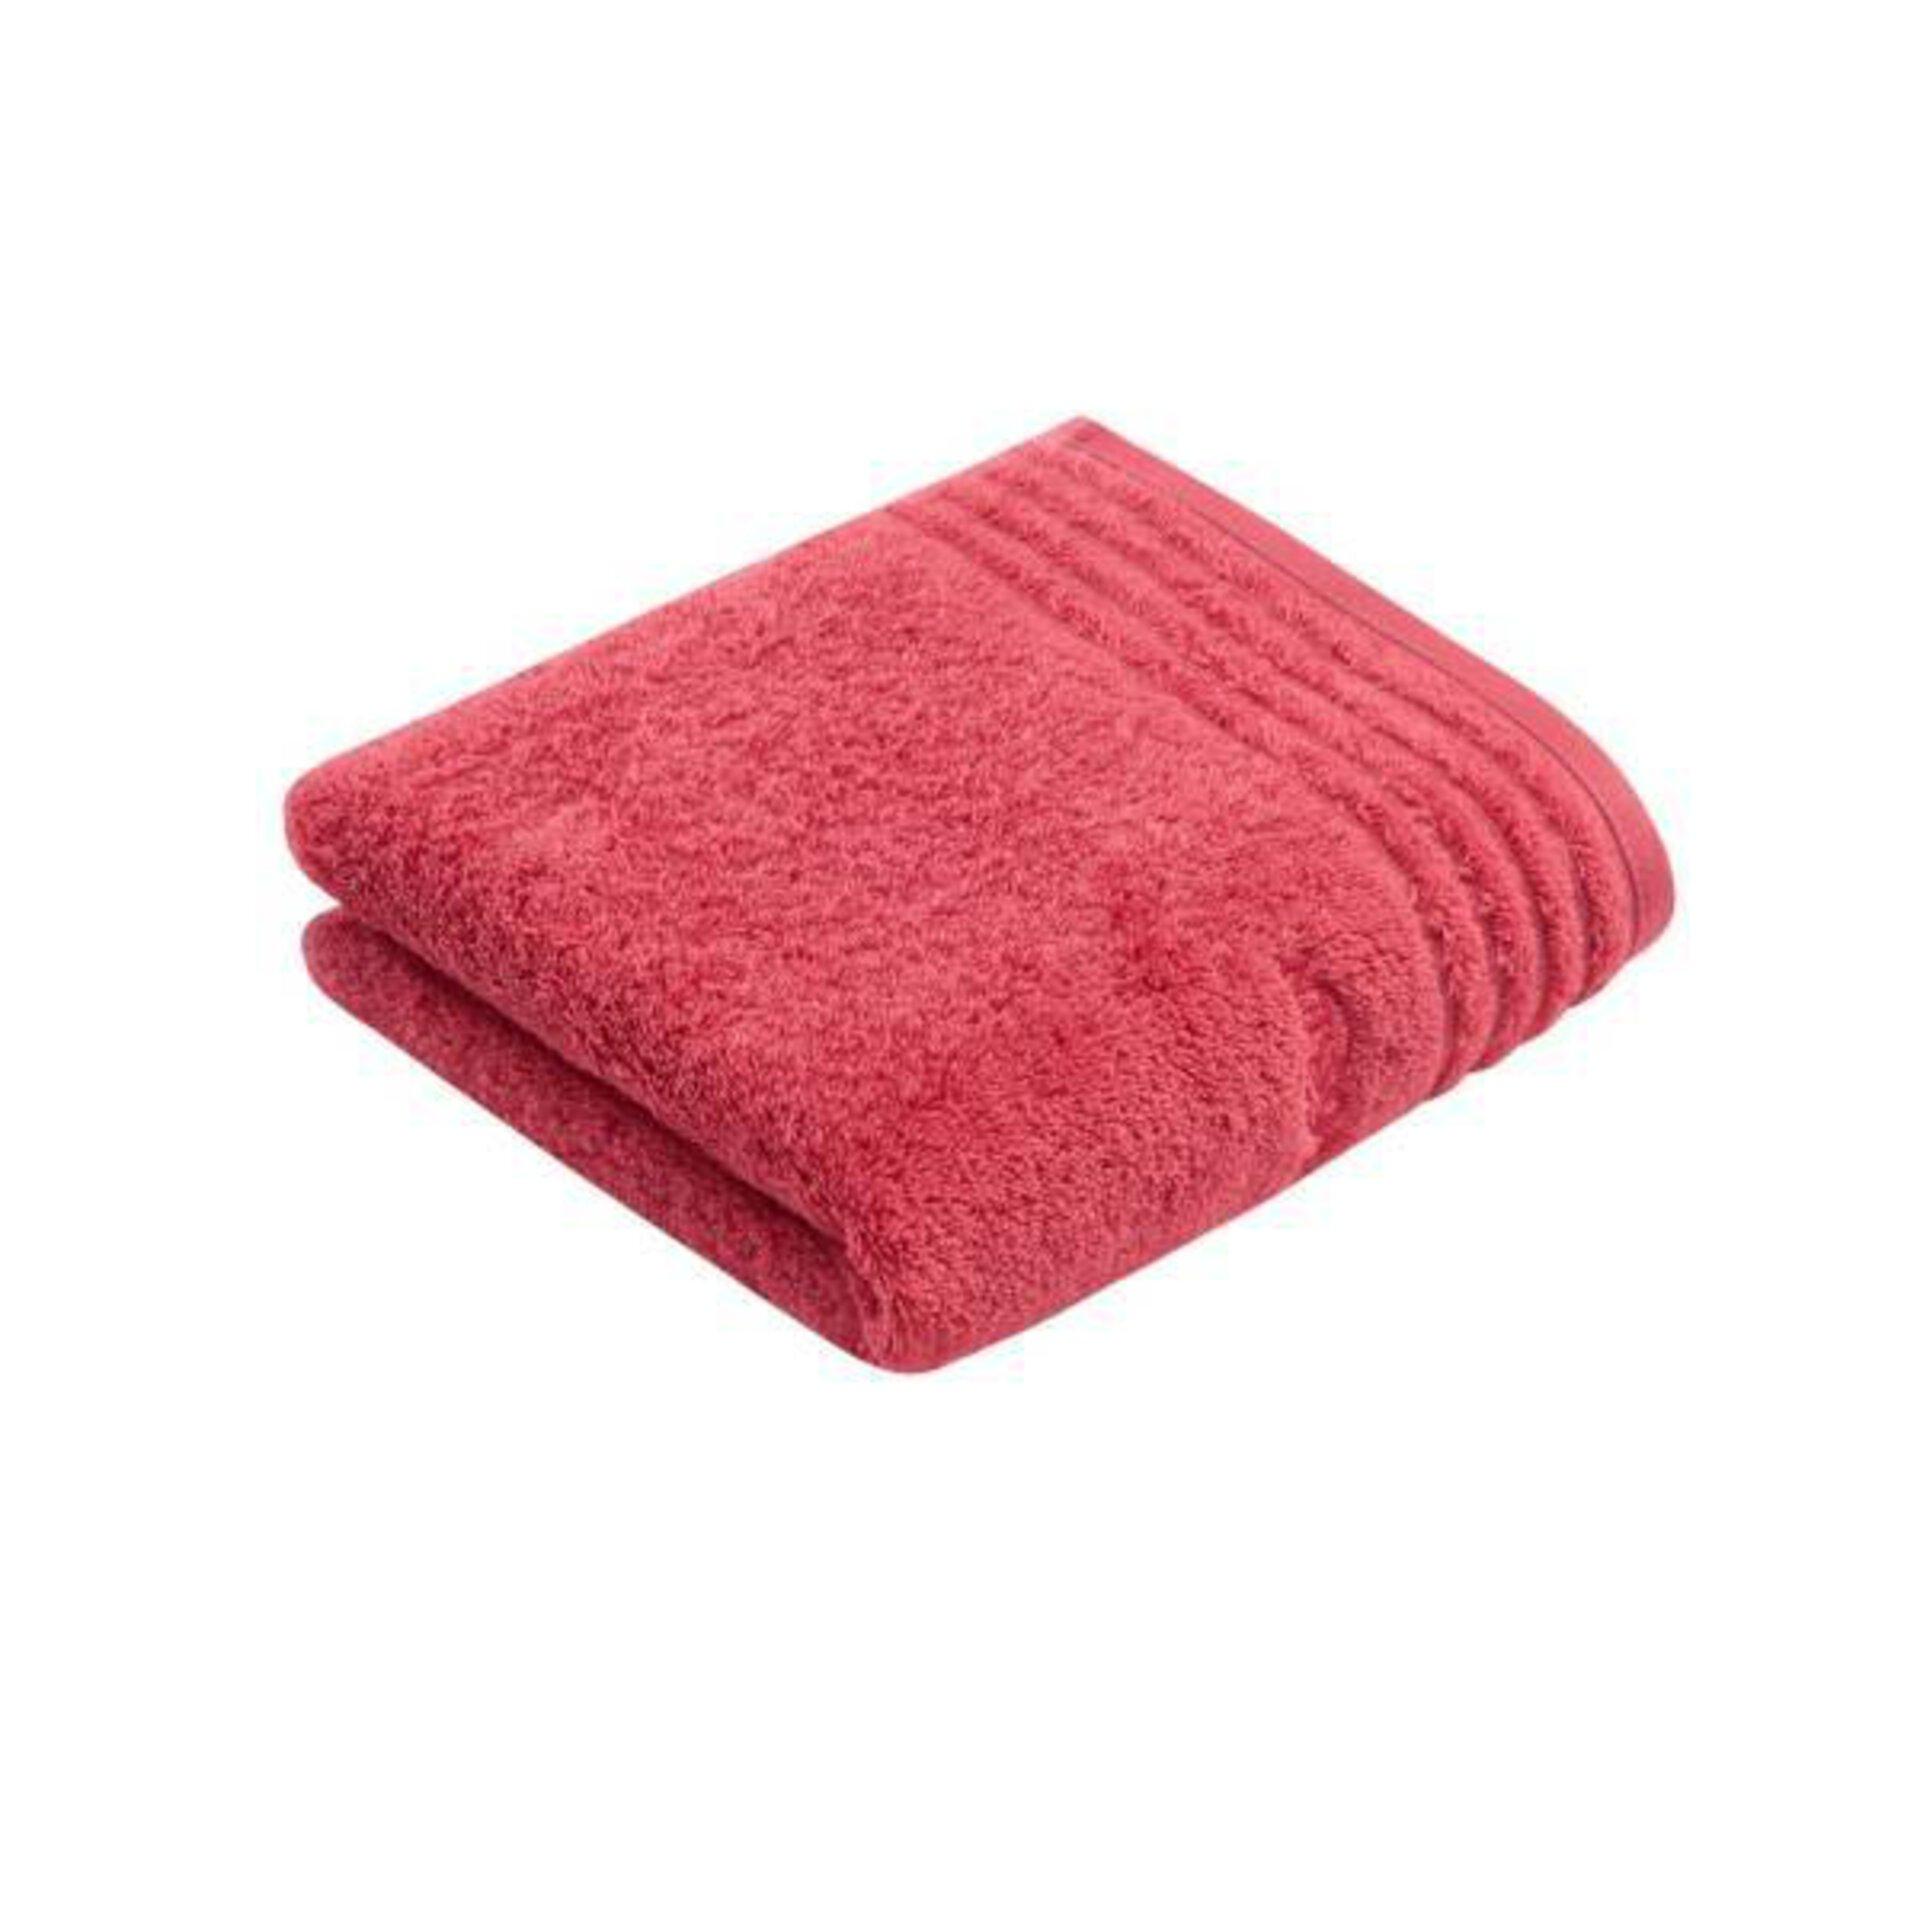 Handtuch Vienna Style Supersoft Vossen Textil